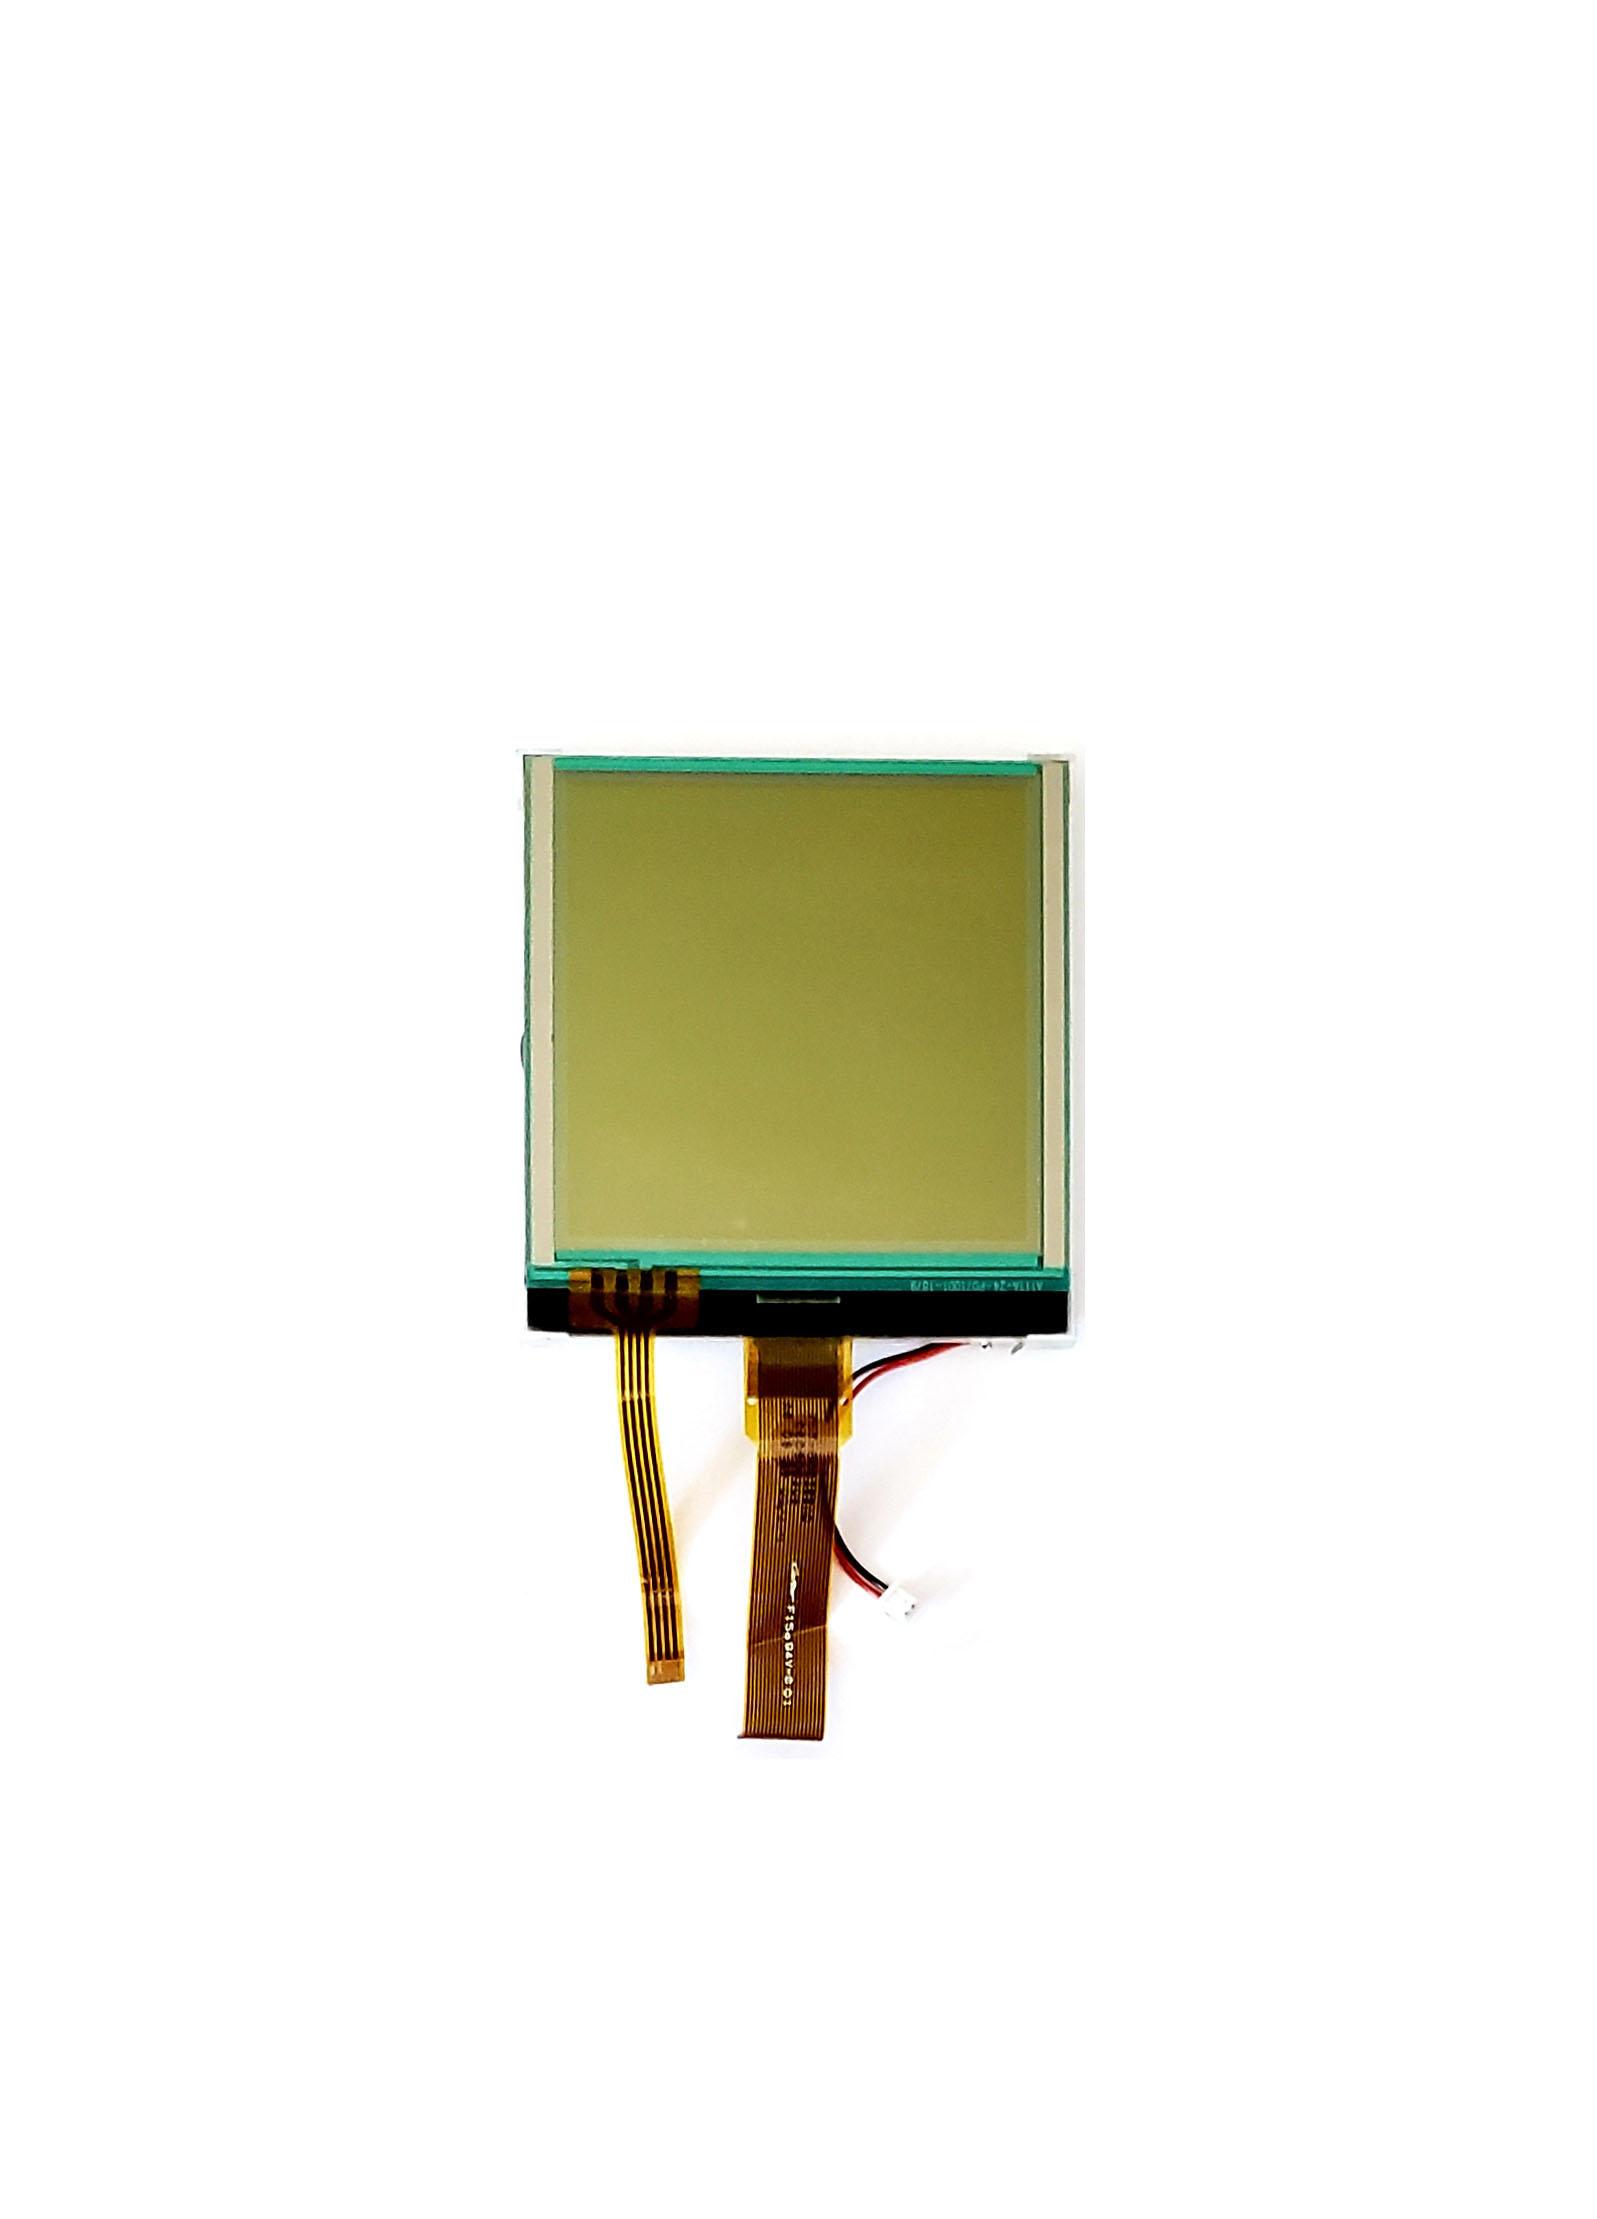 Display N8000